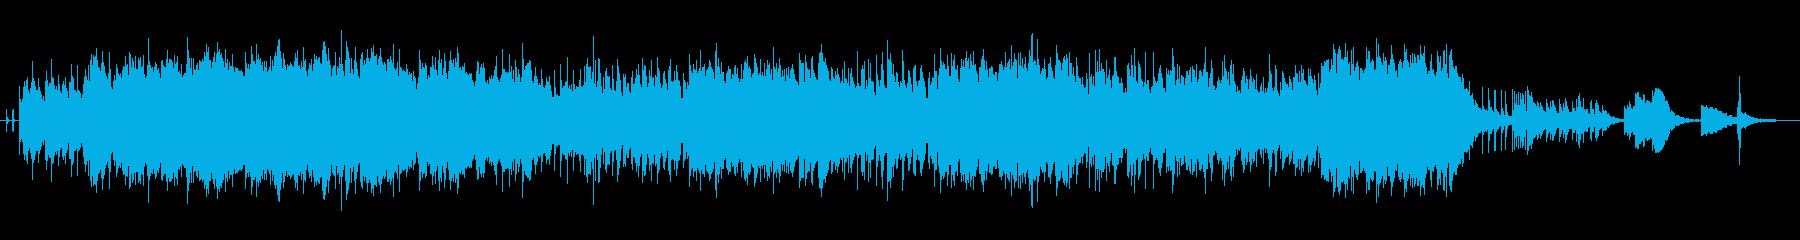 おしゃれなサックスソロのジャズの再生済みの波形